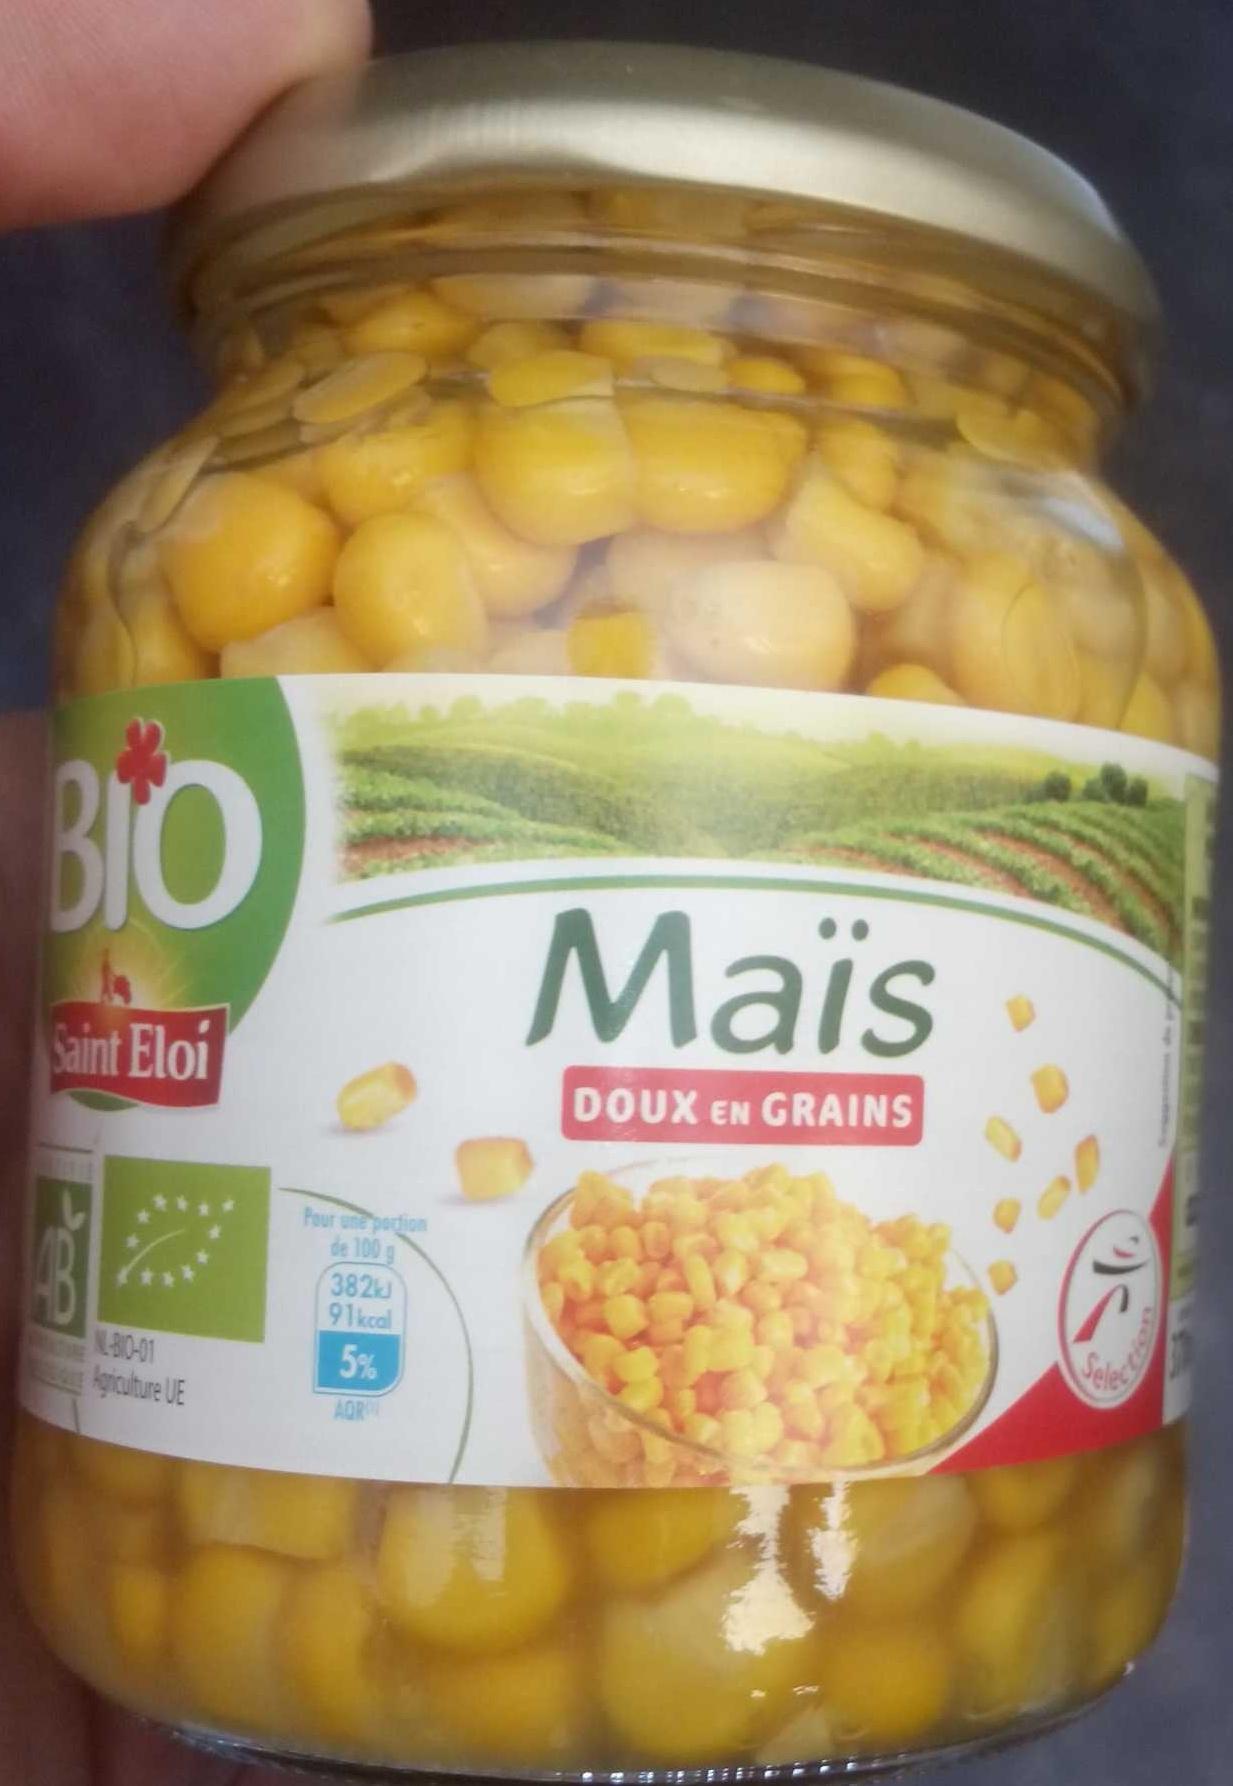 Mais doux en grains - Product - fr